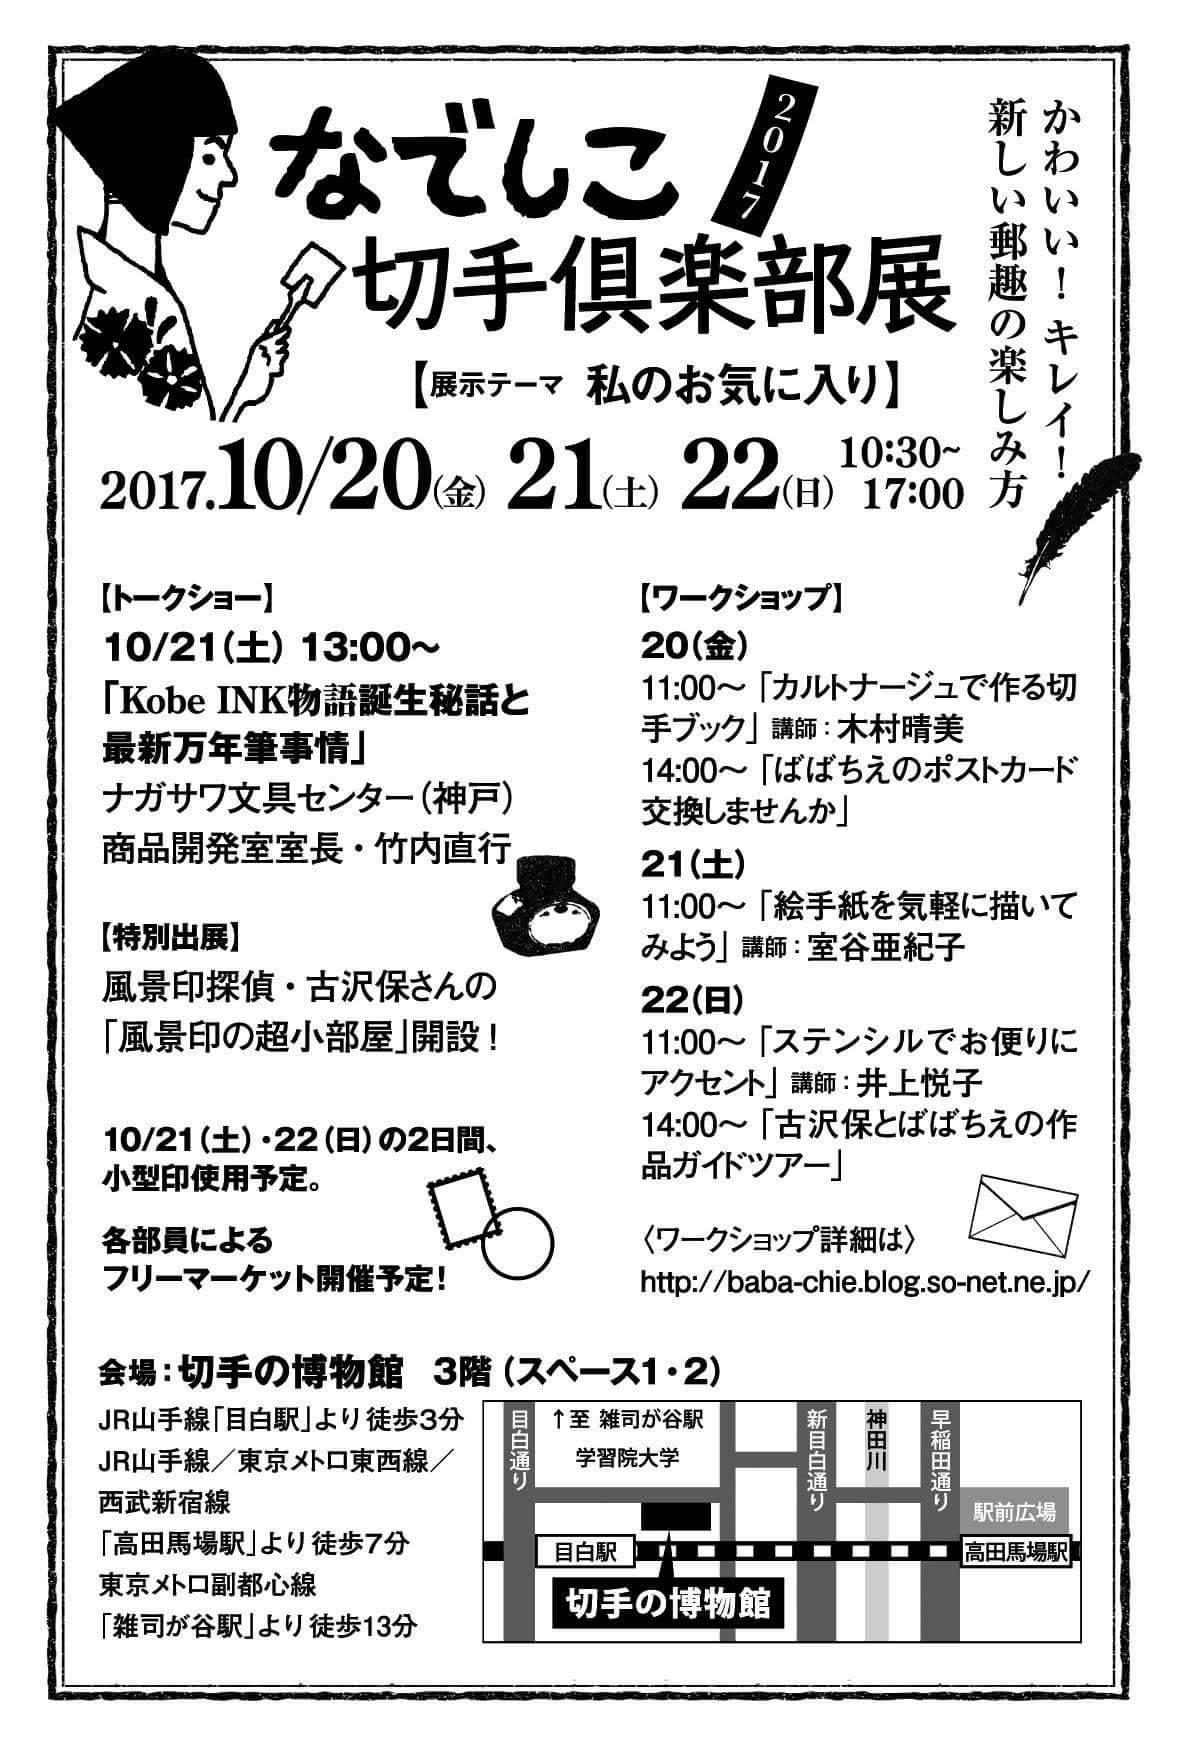 【終了】なでしこ切手倶楽部展2017